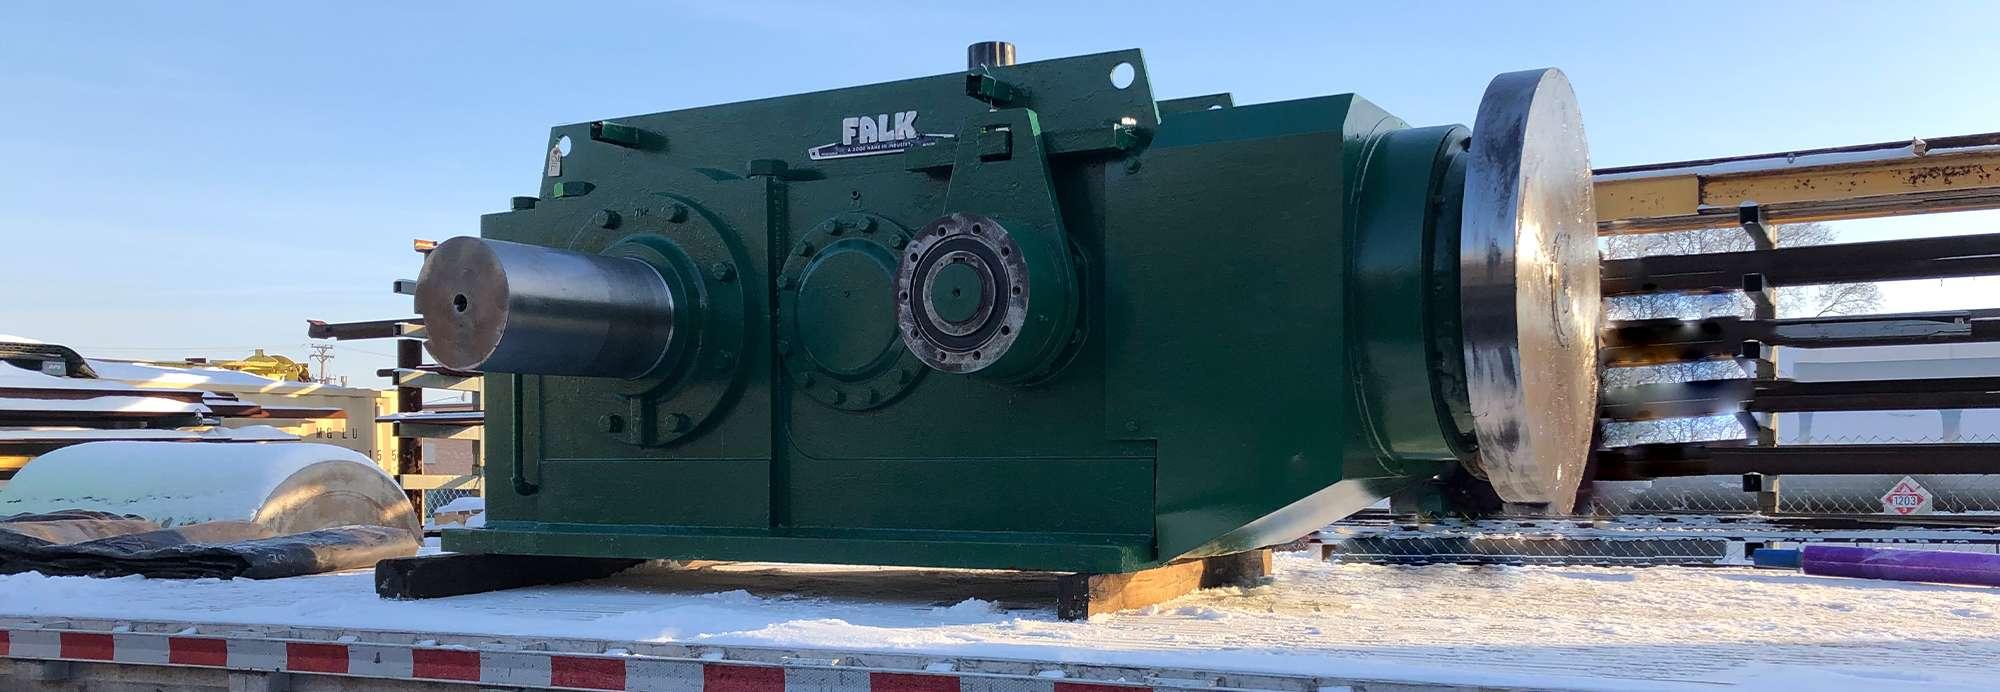 Falk Gearbox